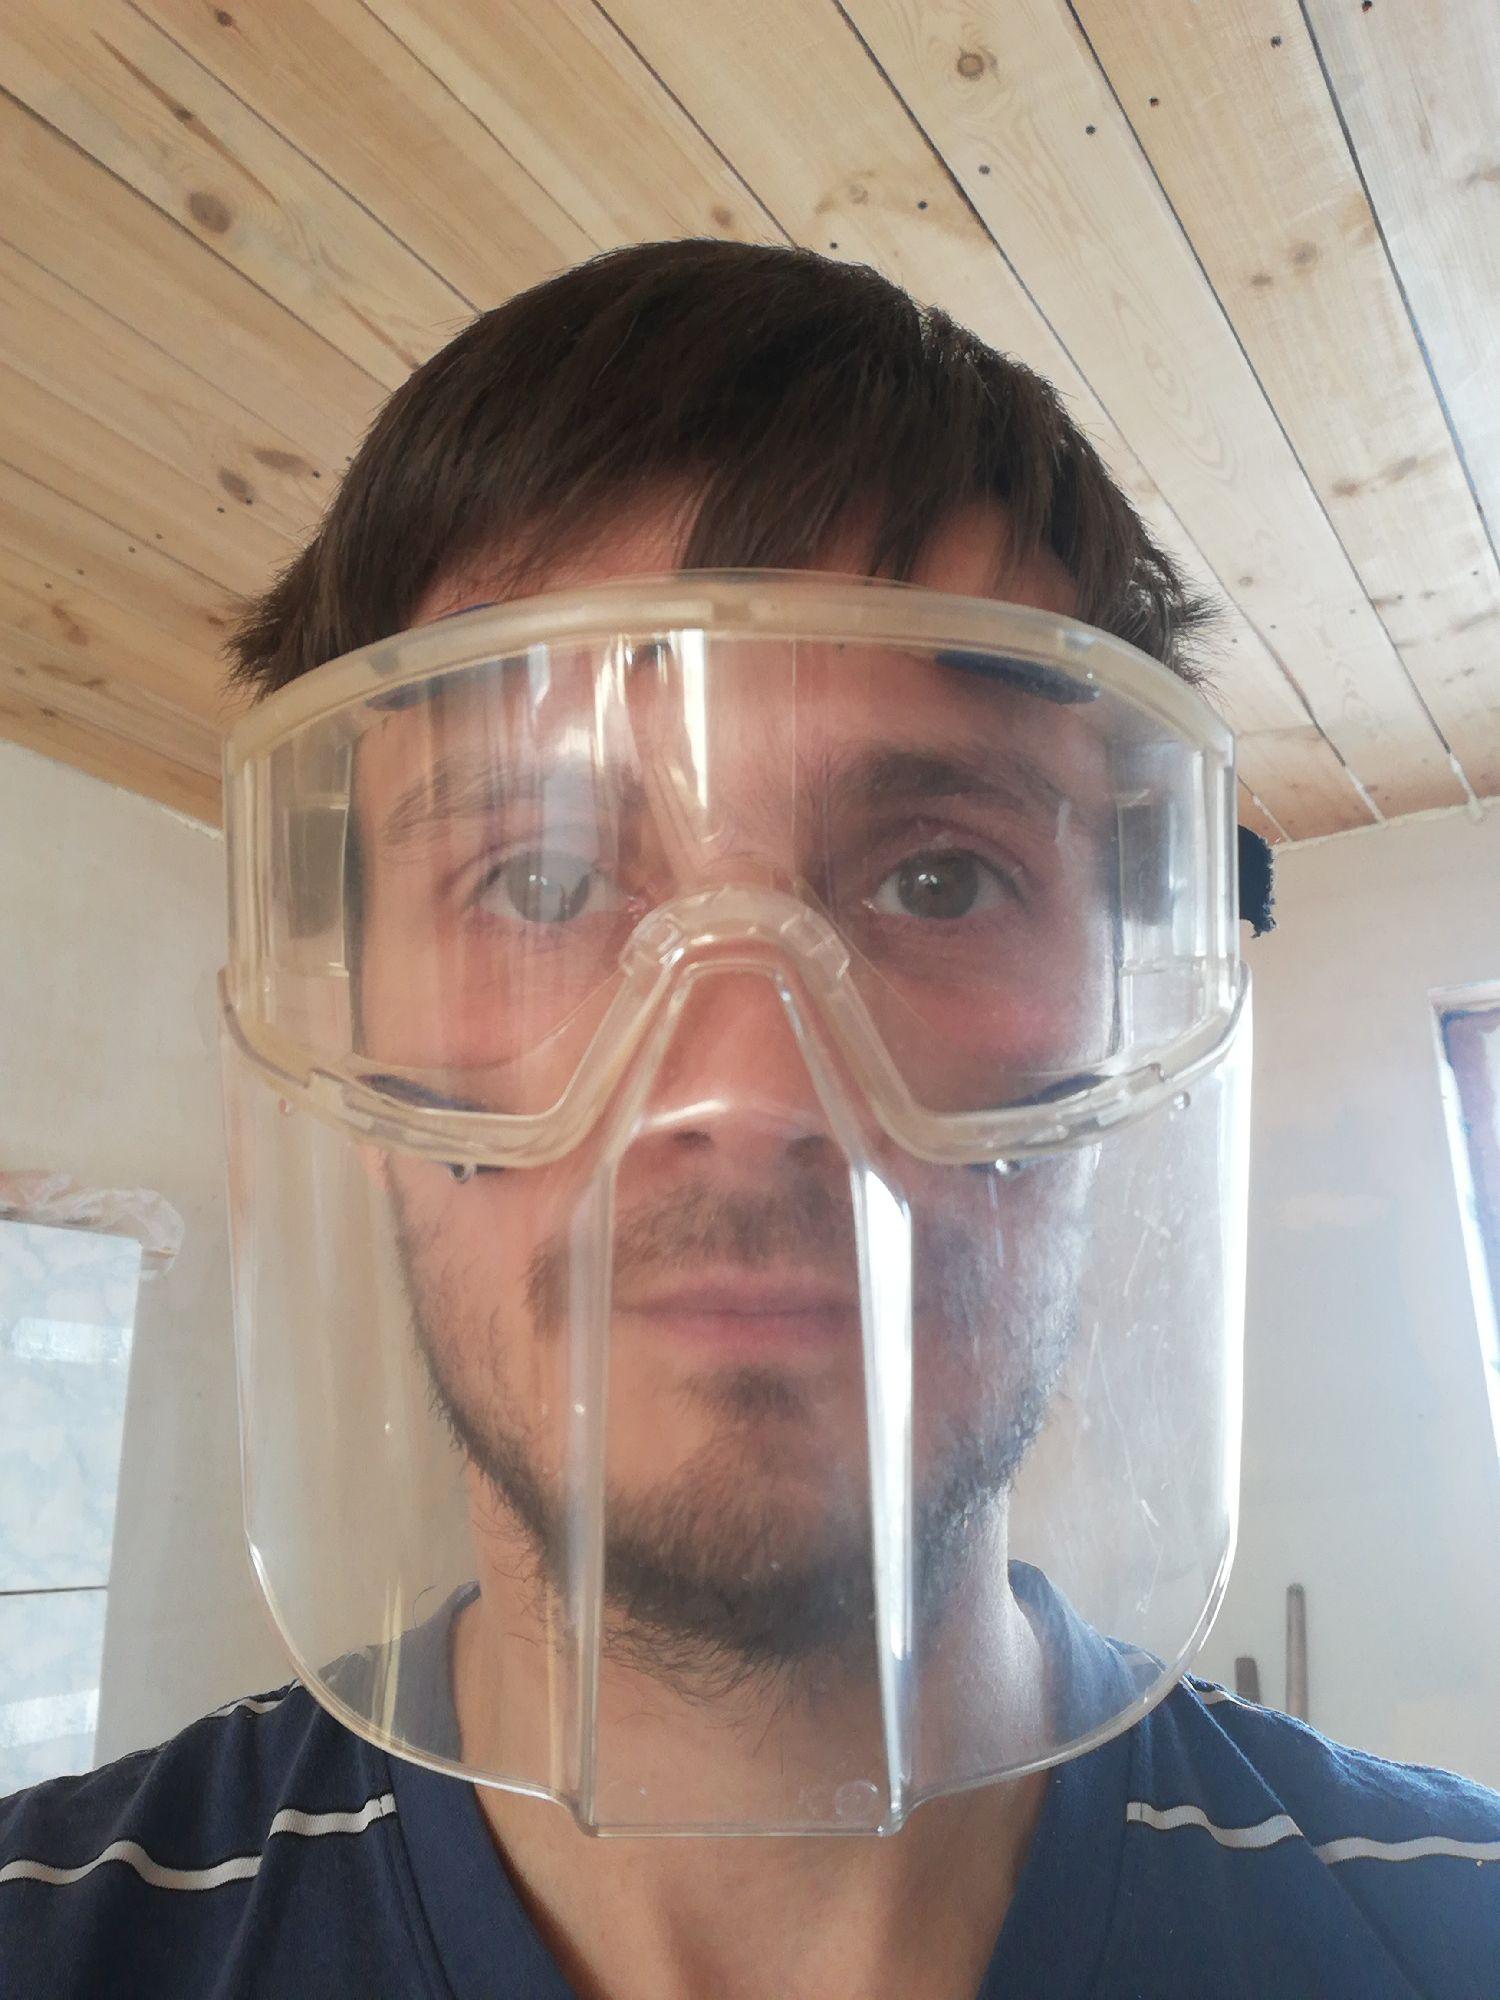 Без щитка мне нельзя пилить-строгать электроинструментом. Обязательно поймаю глазом если не опилку, то пыль деревянную с ресниц....